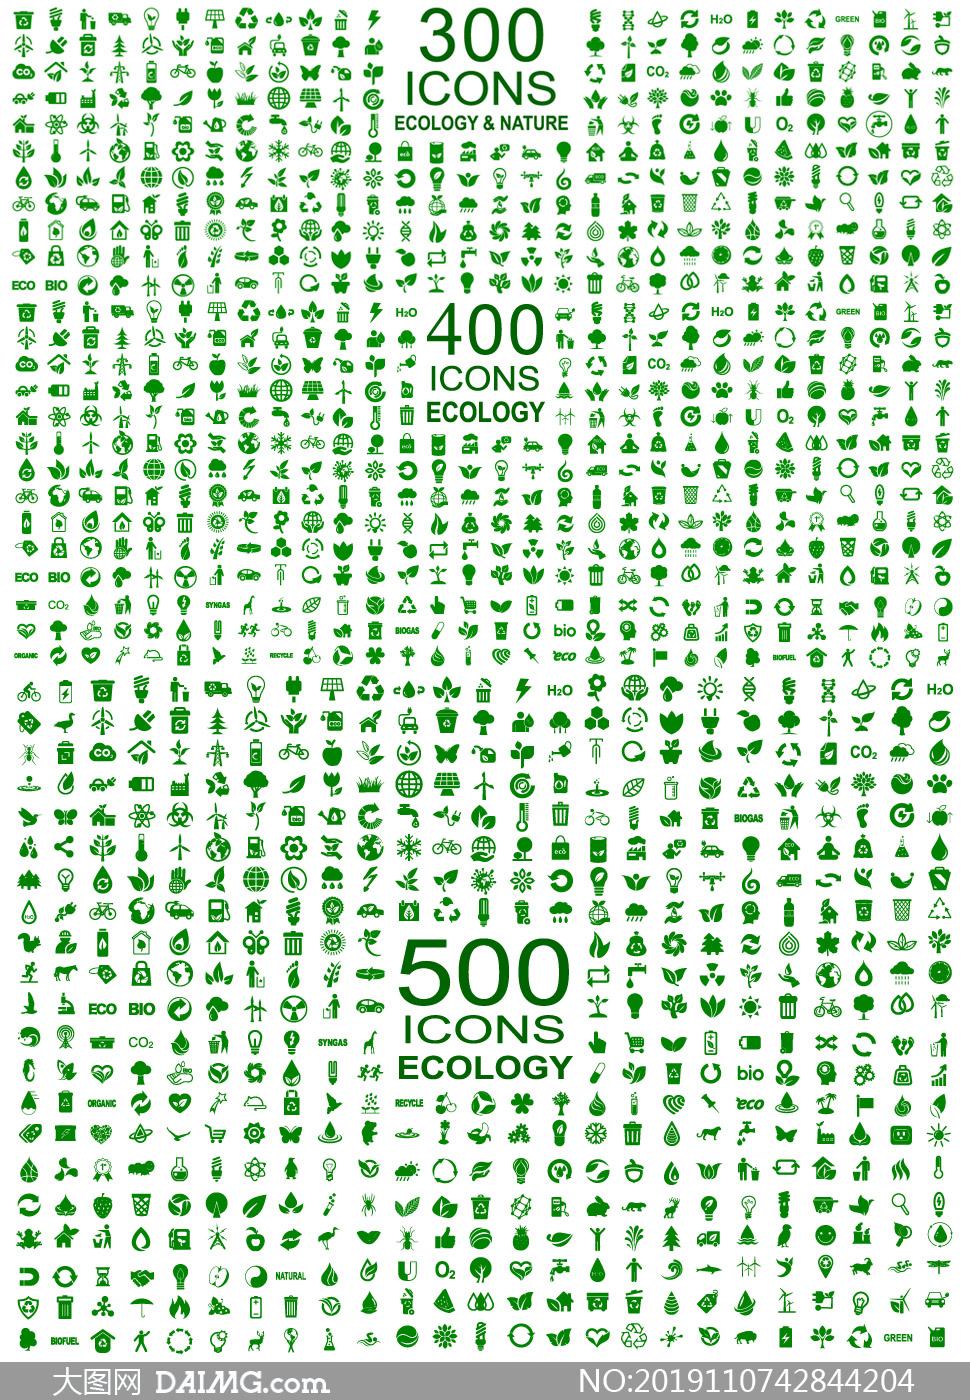 1200余款绿色环保主题图标矢量素材